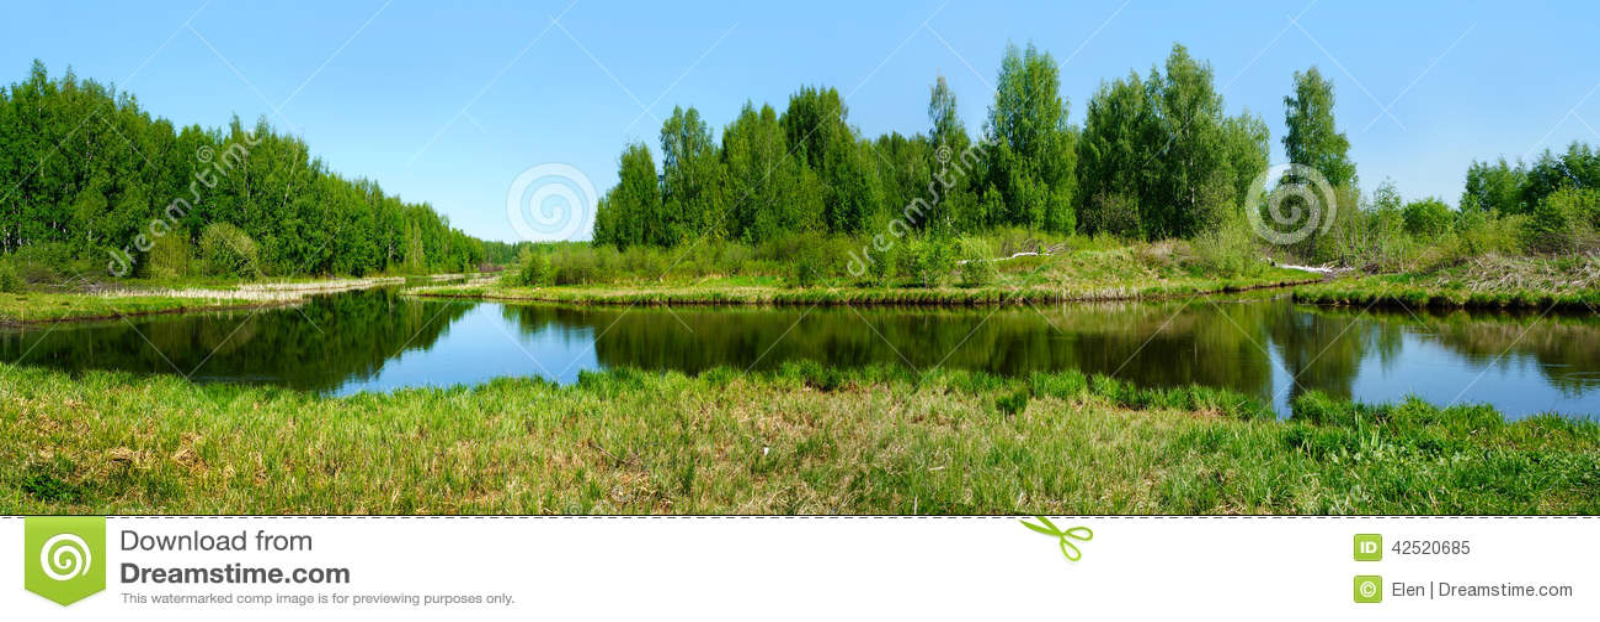 Naturaleza hermosa paisaje panor mico peque os r os de rusia for Naturaleza hermosa